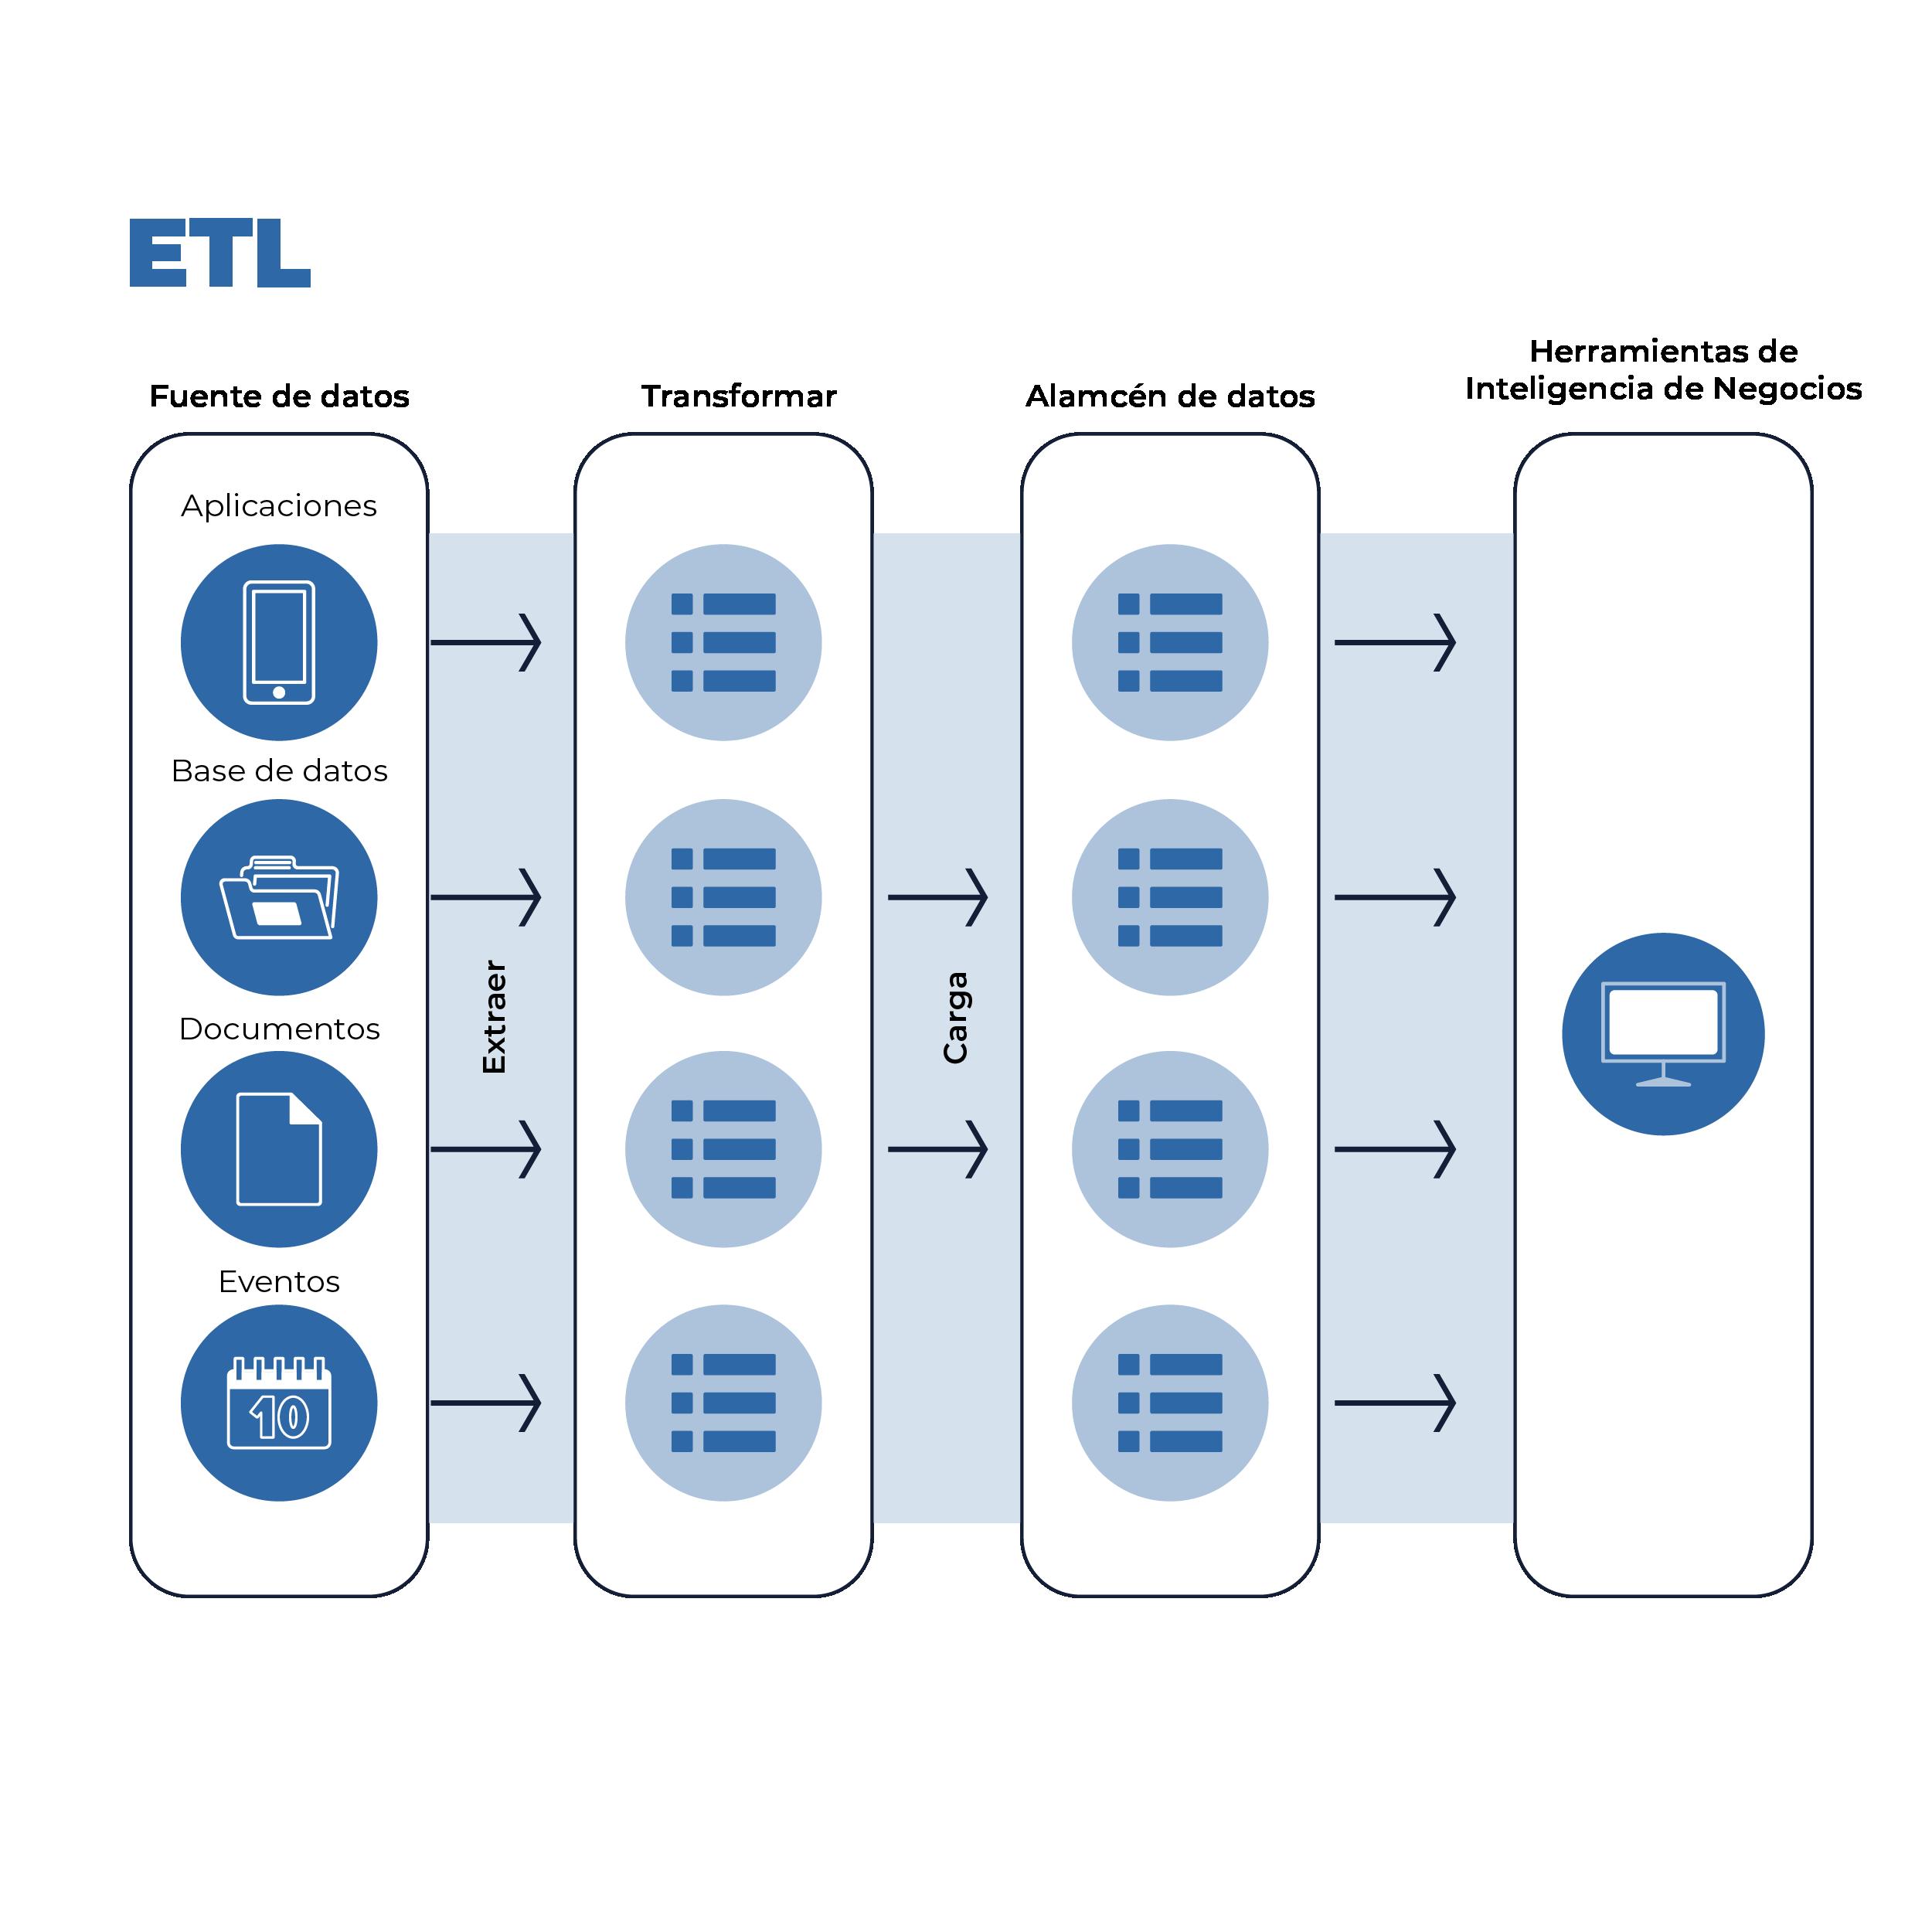 Imagen 1. Características ETL